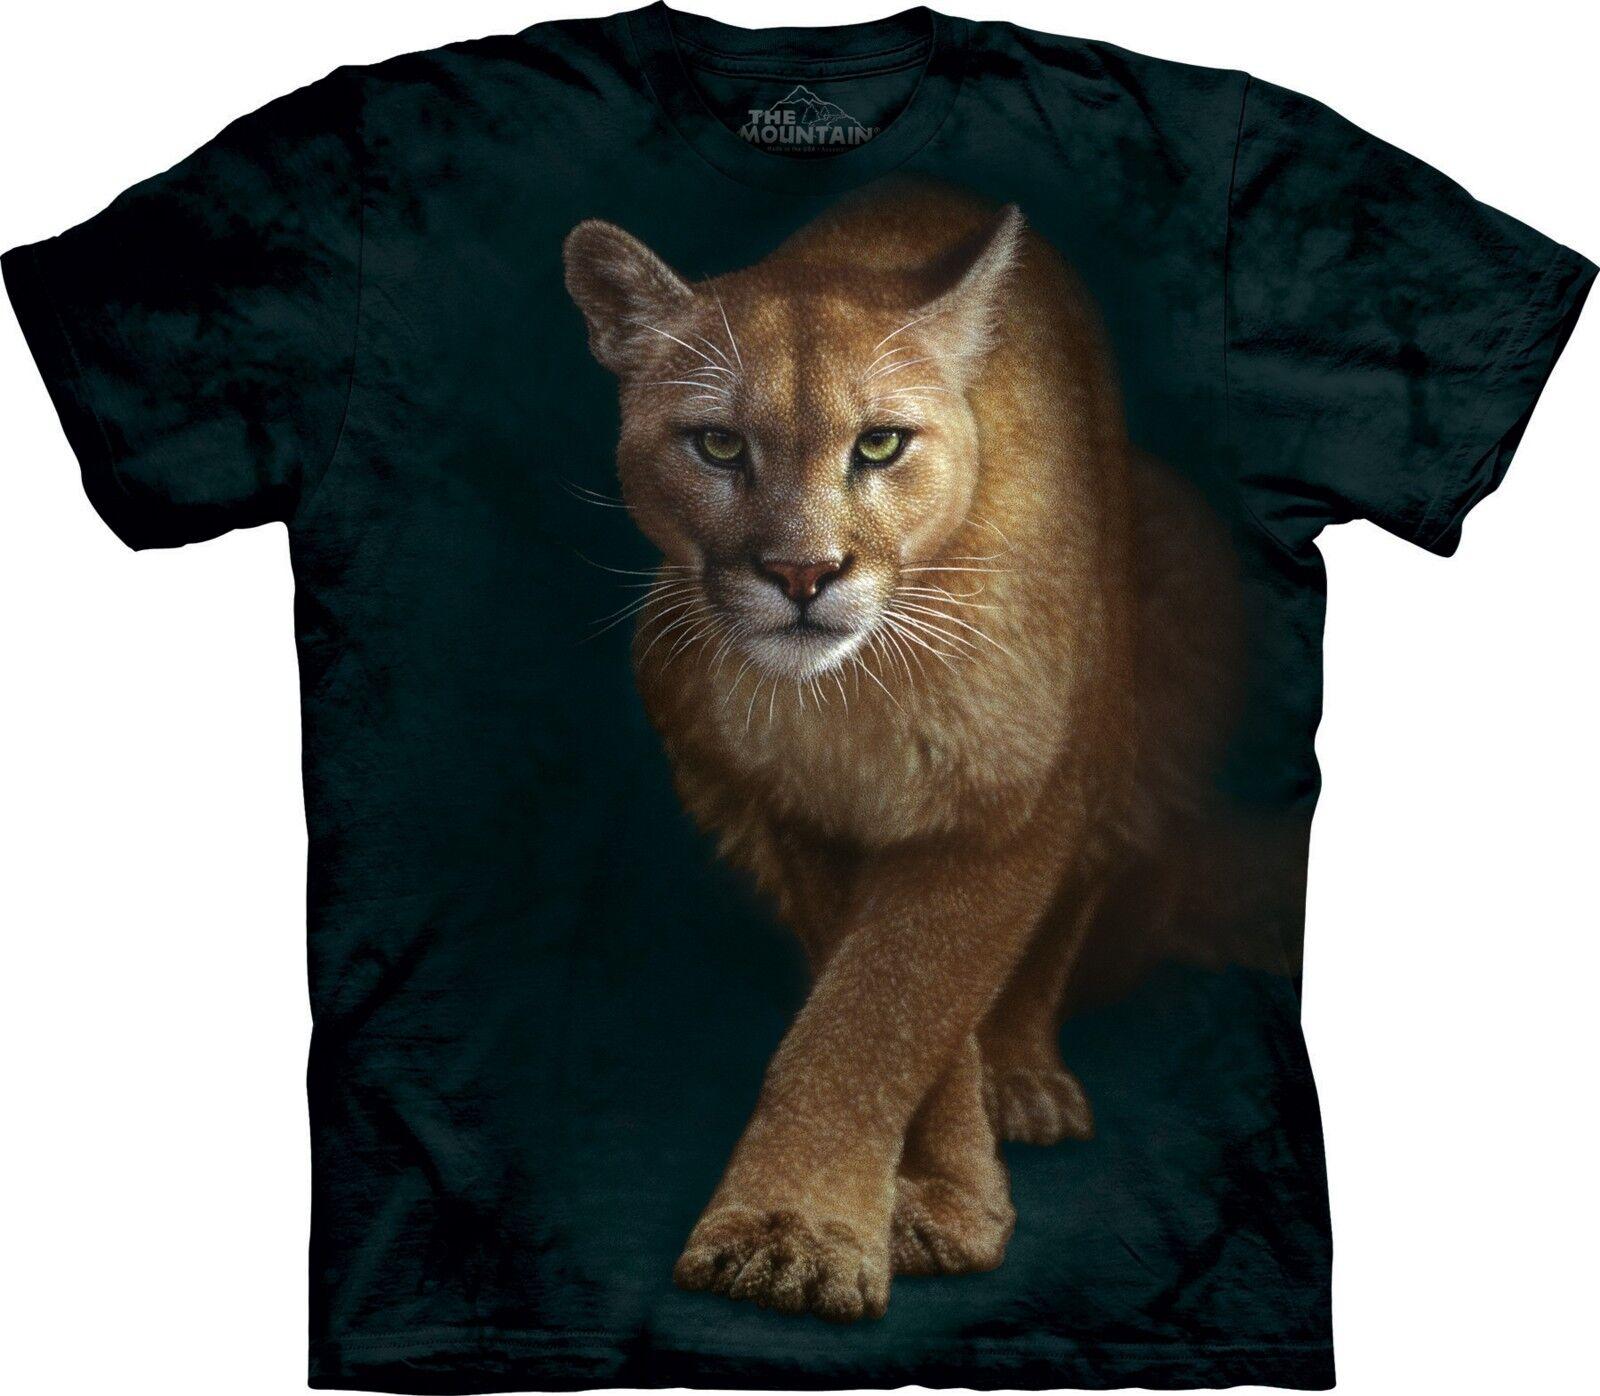 The Mountain Unisex Adult Emergence Animals T Shirt